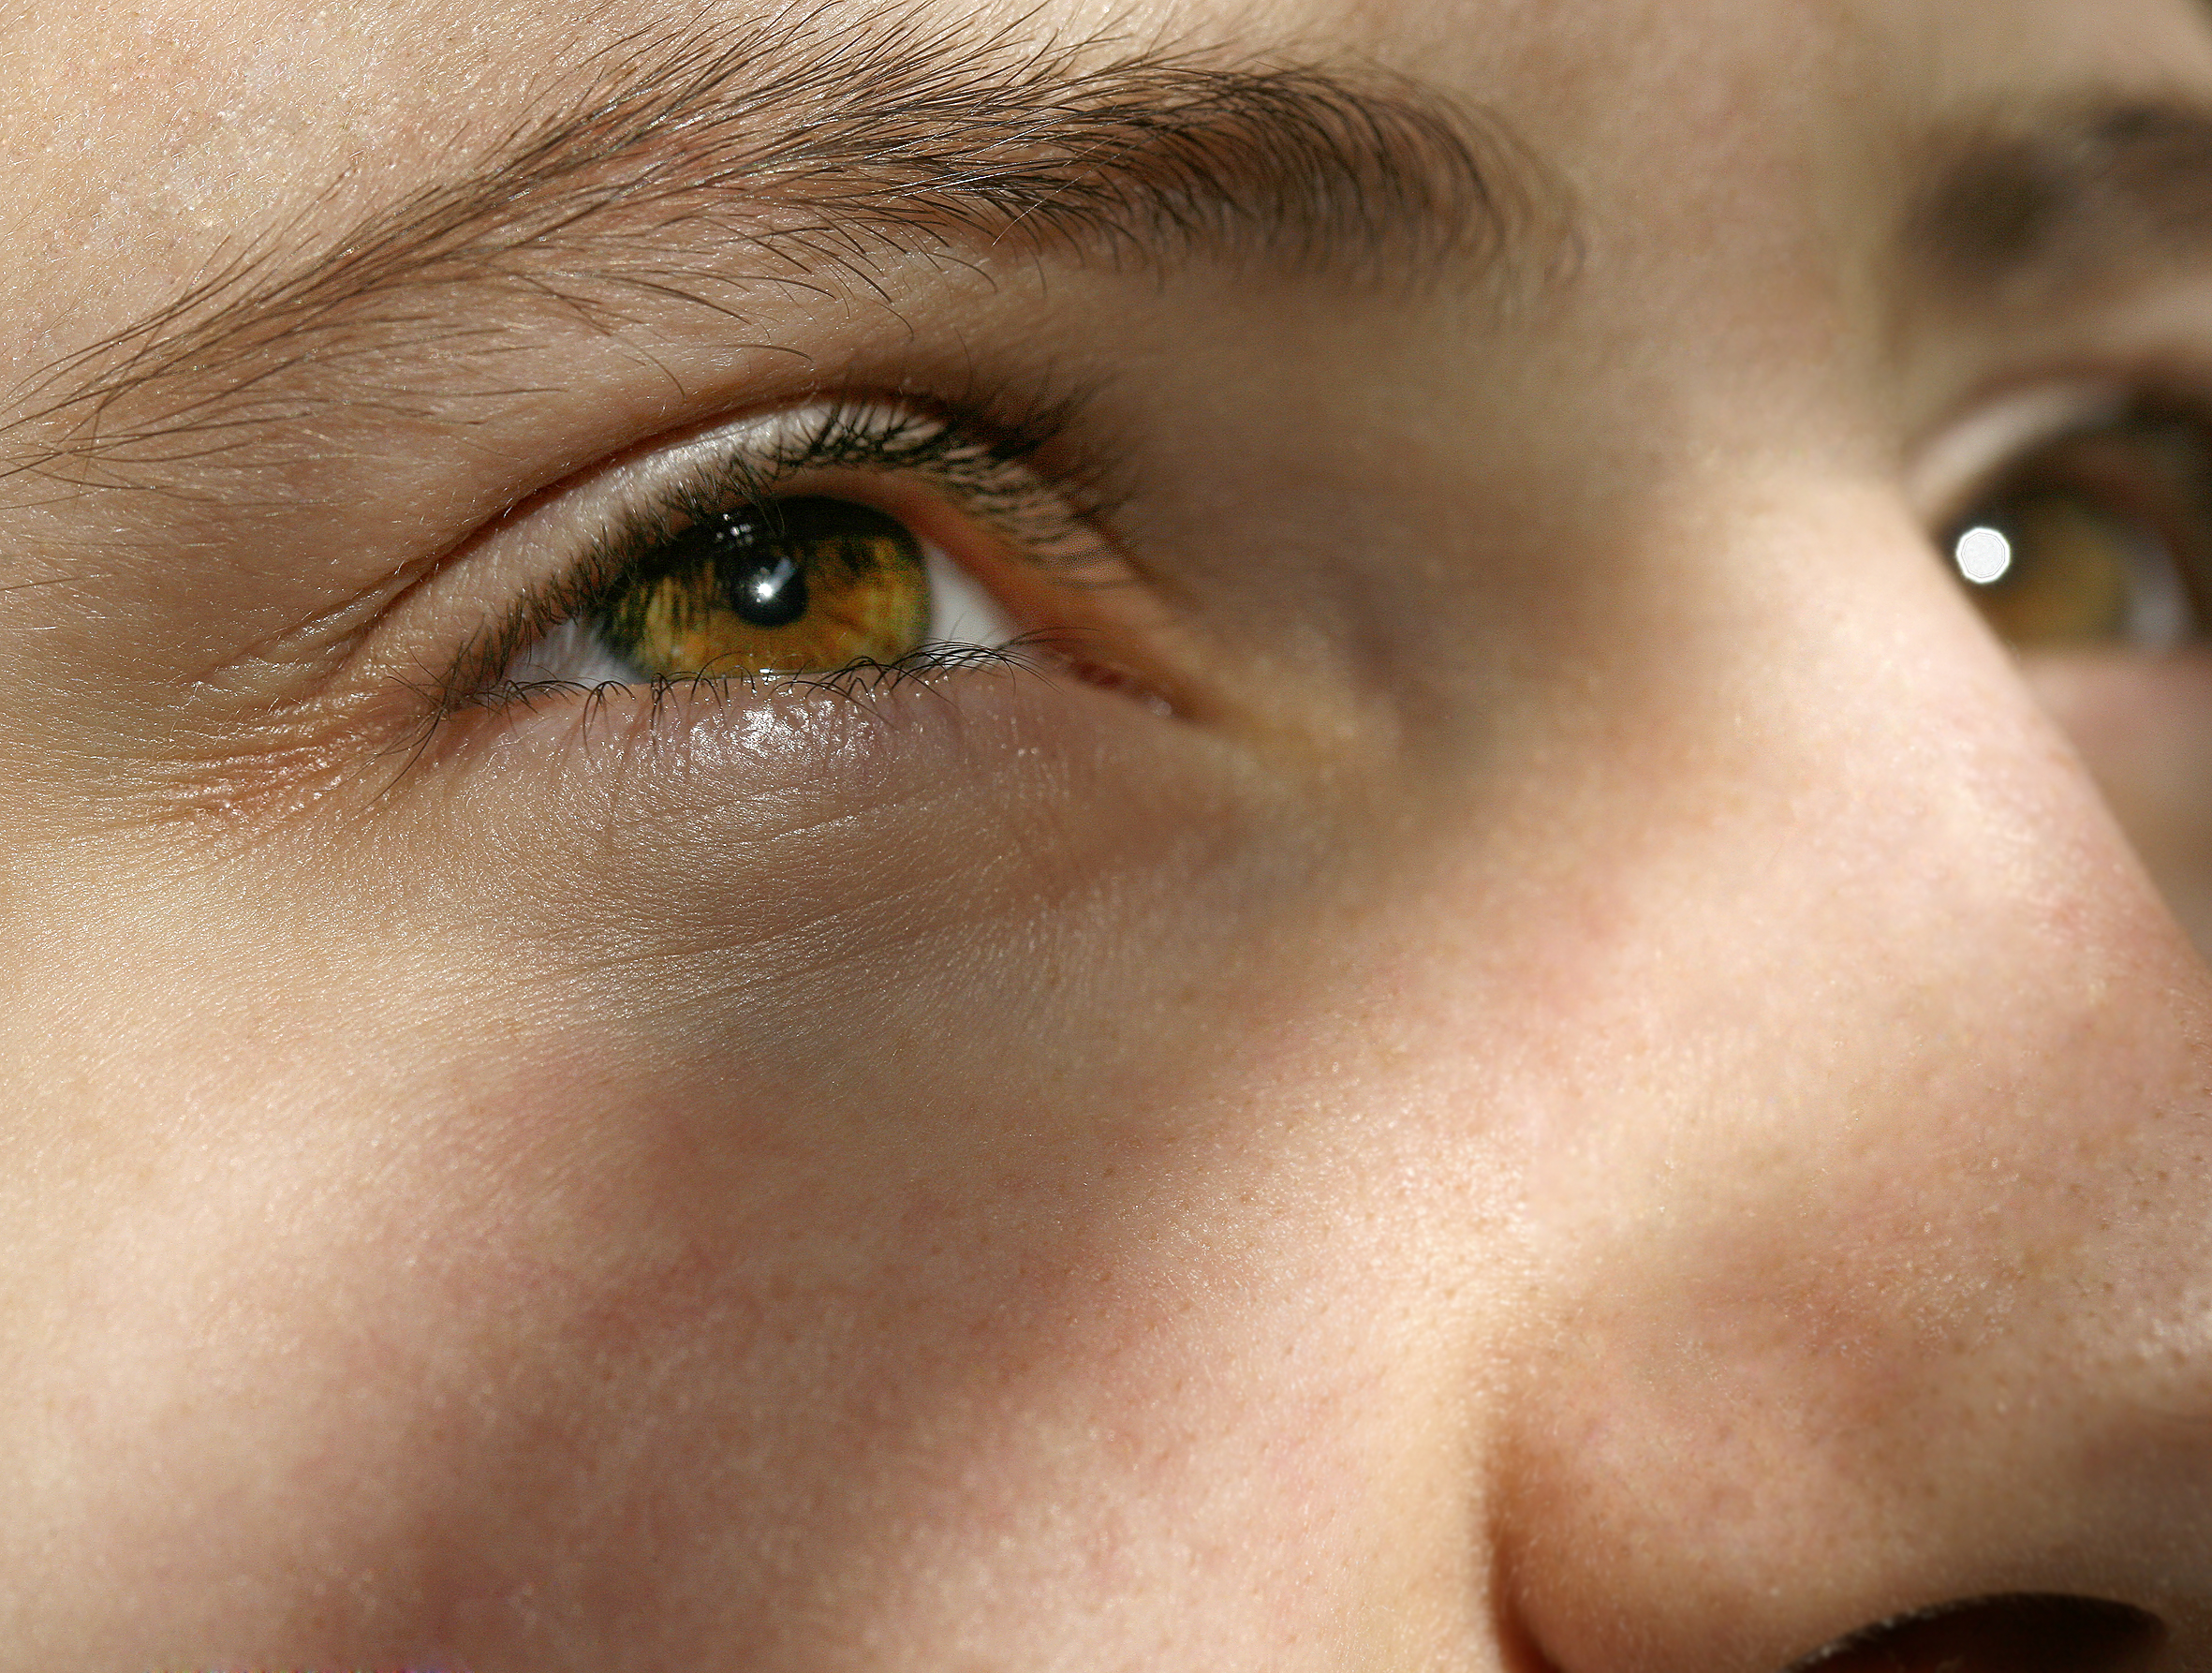 мужские карие глаза фото обстоятельствах случившегося